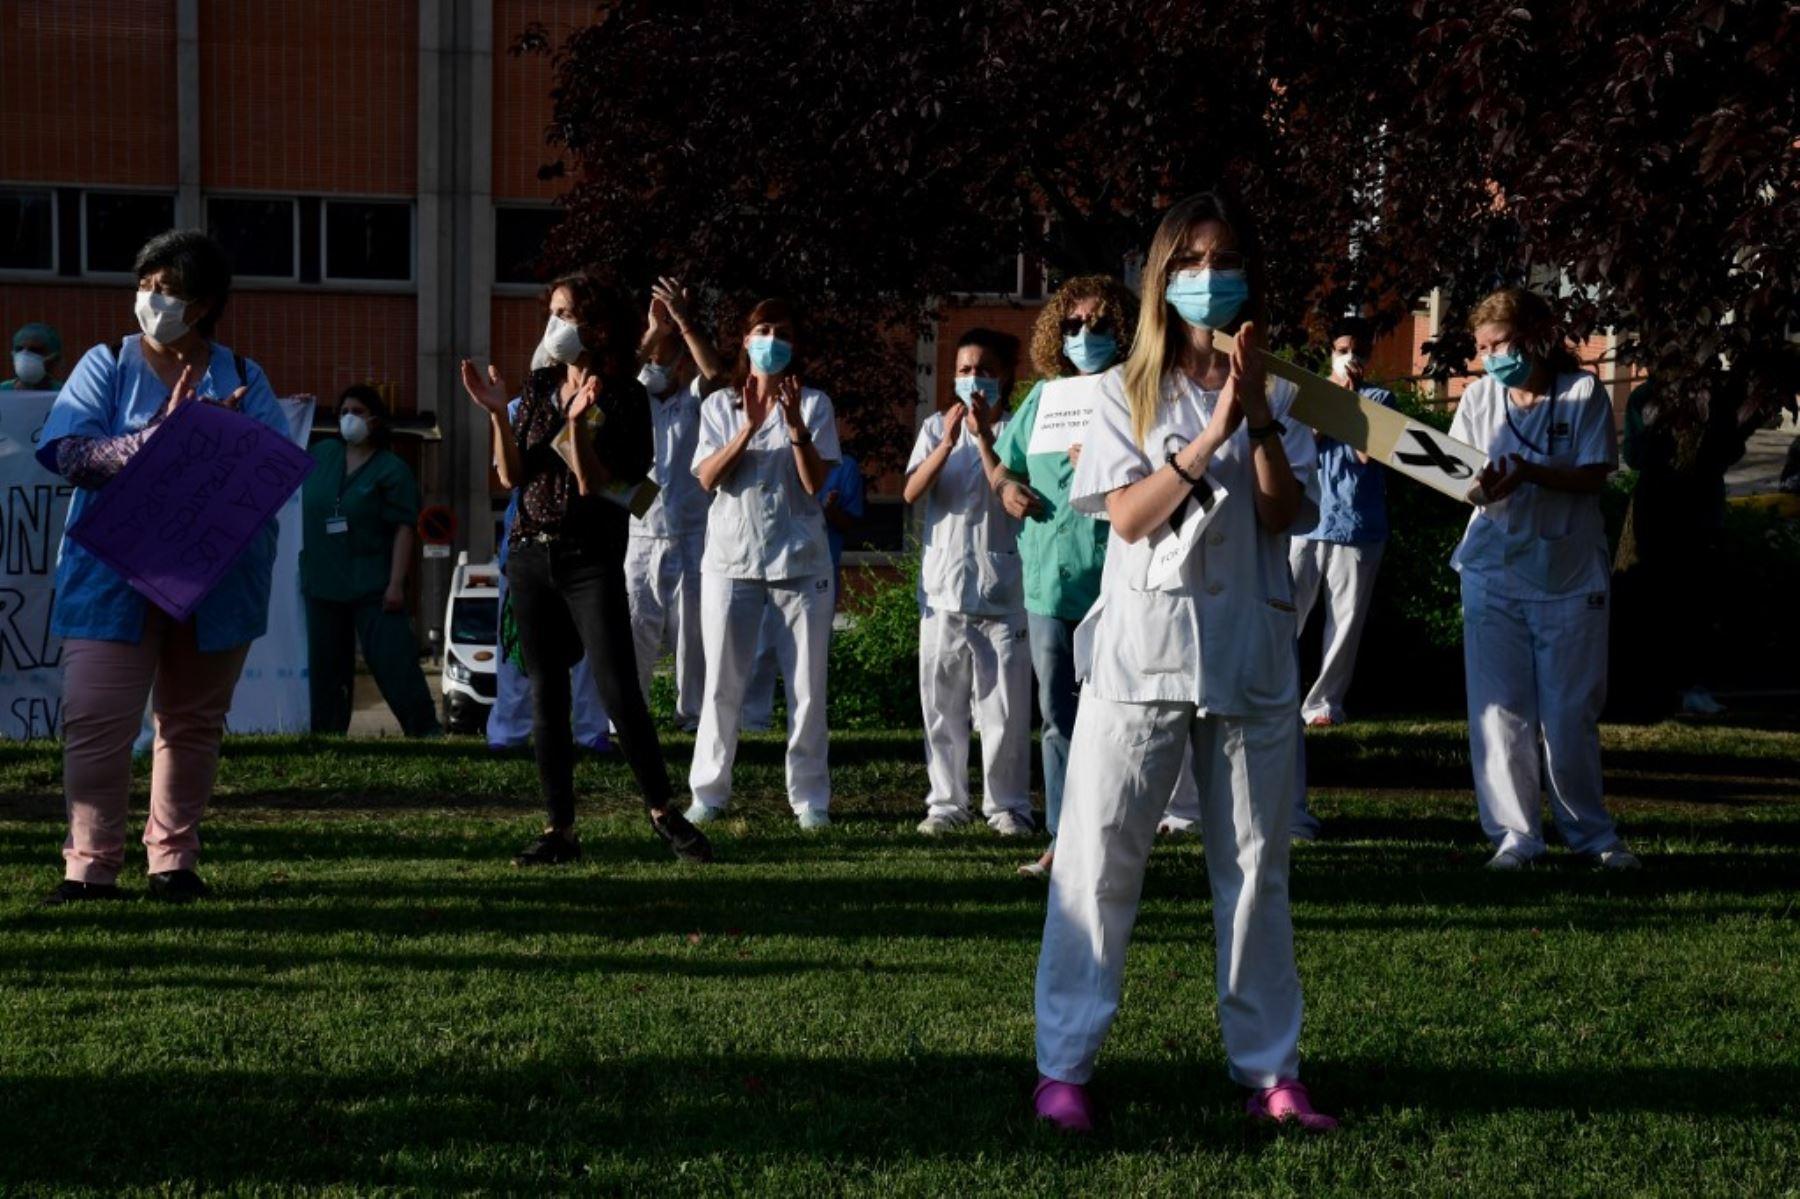 Los trabajadores de la salud aplauden durante una protesta que pide un sistema de salud reforzado fuera del hospital Severo Ochoa en Leganés, en las afueras de Madrid. Foto: AFP